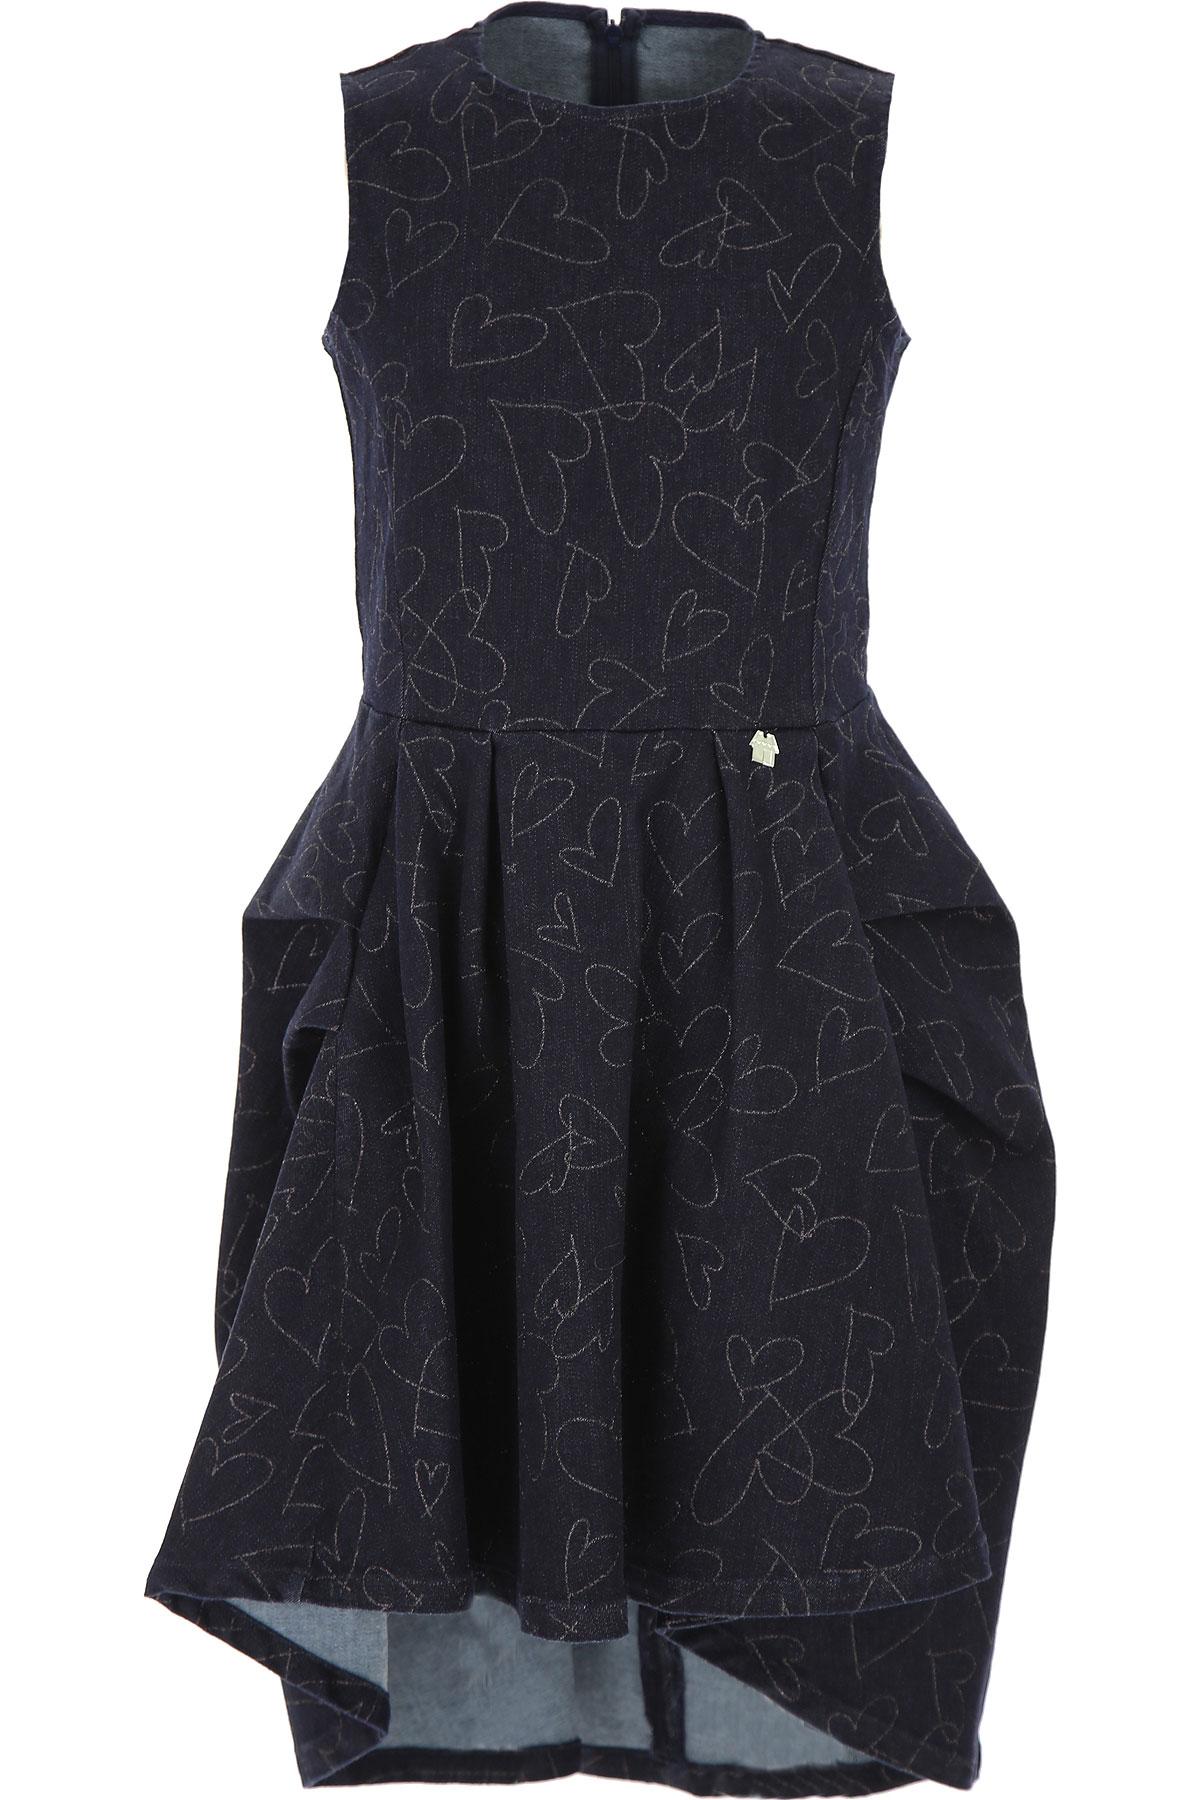 Simonetta Girls Dress On Sale, Blue Denim, Cotton, 2019, 10Y 12Y 14Y 4Y 6Y 8Y